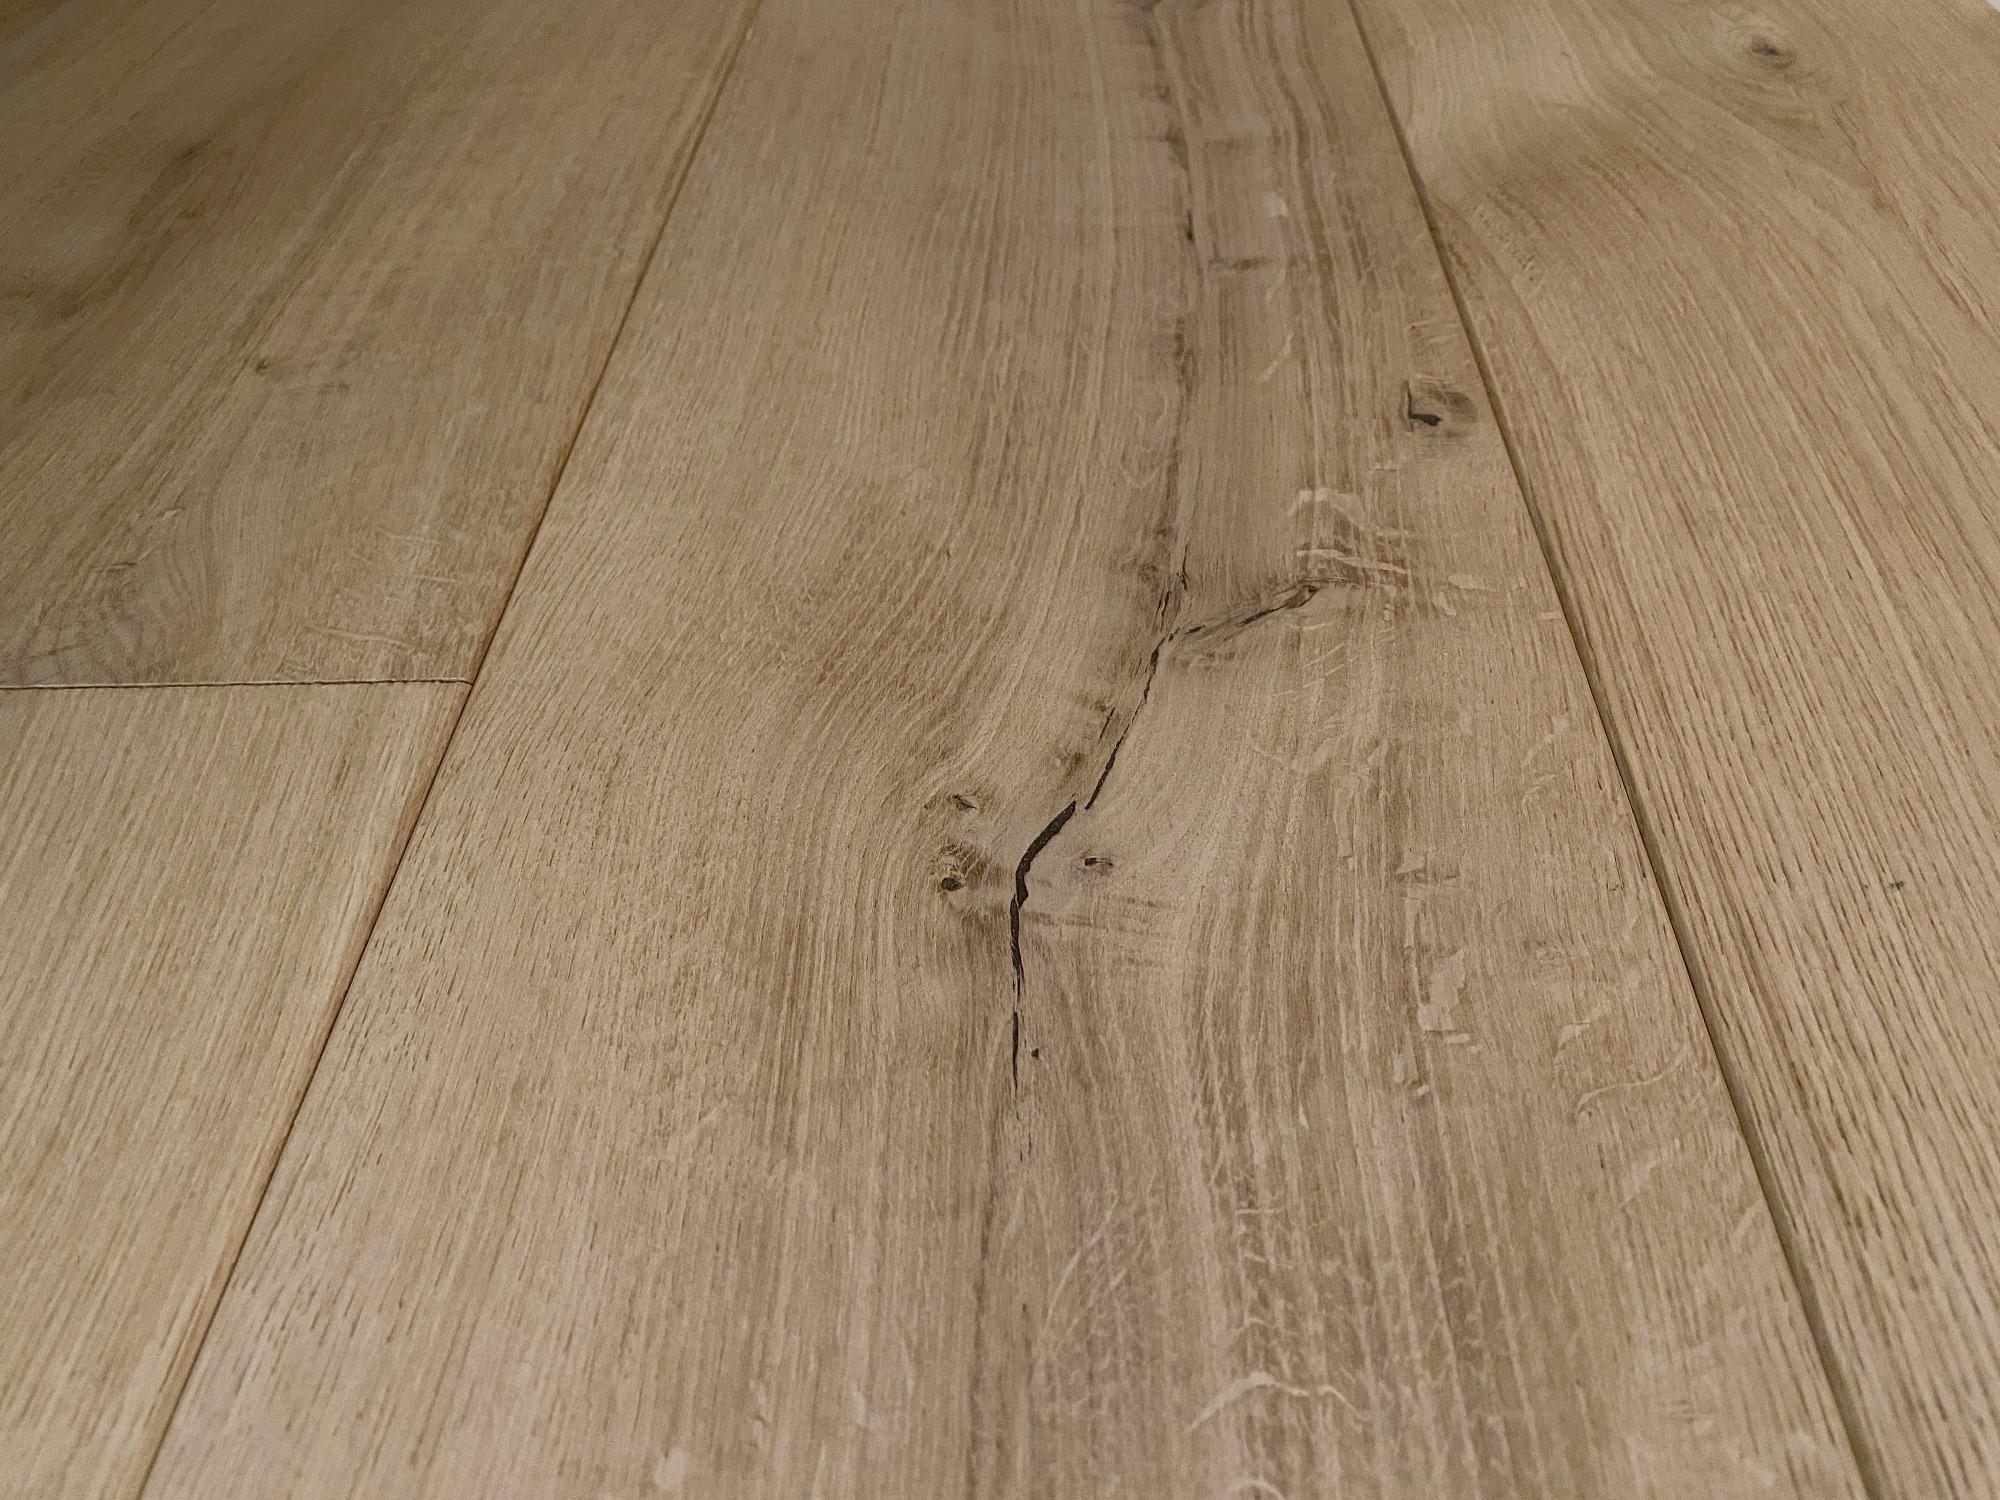 Raw oak floor boards